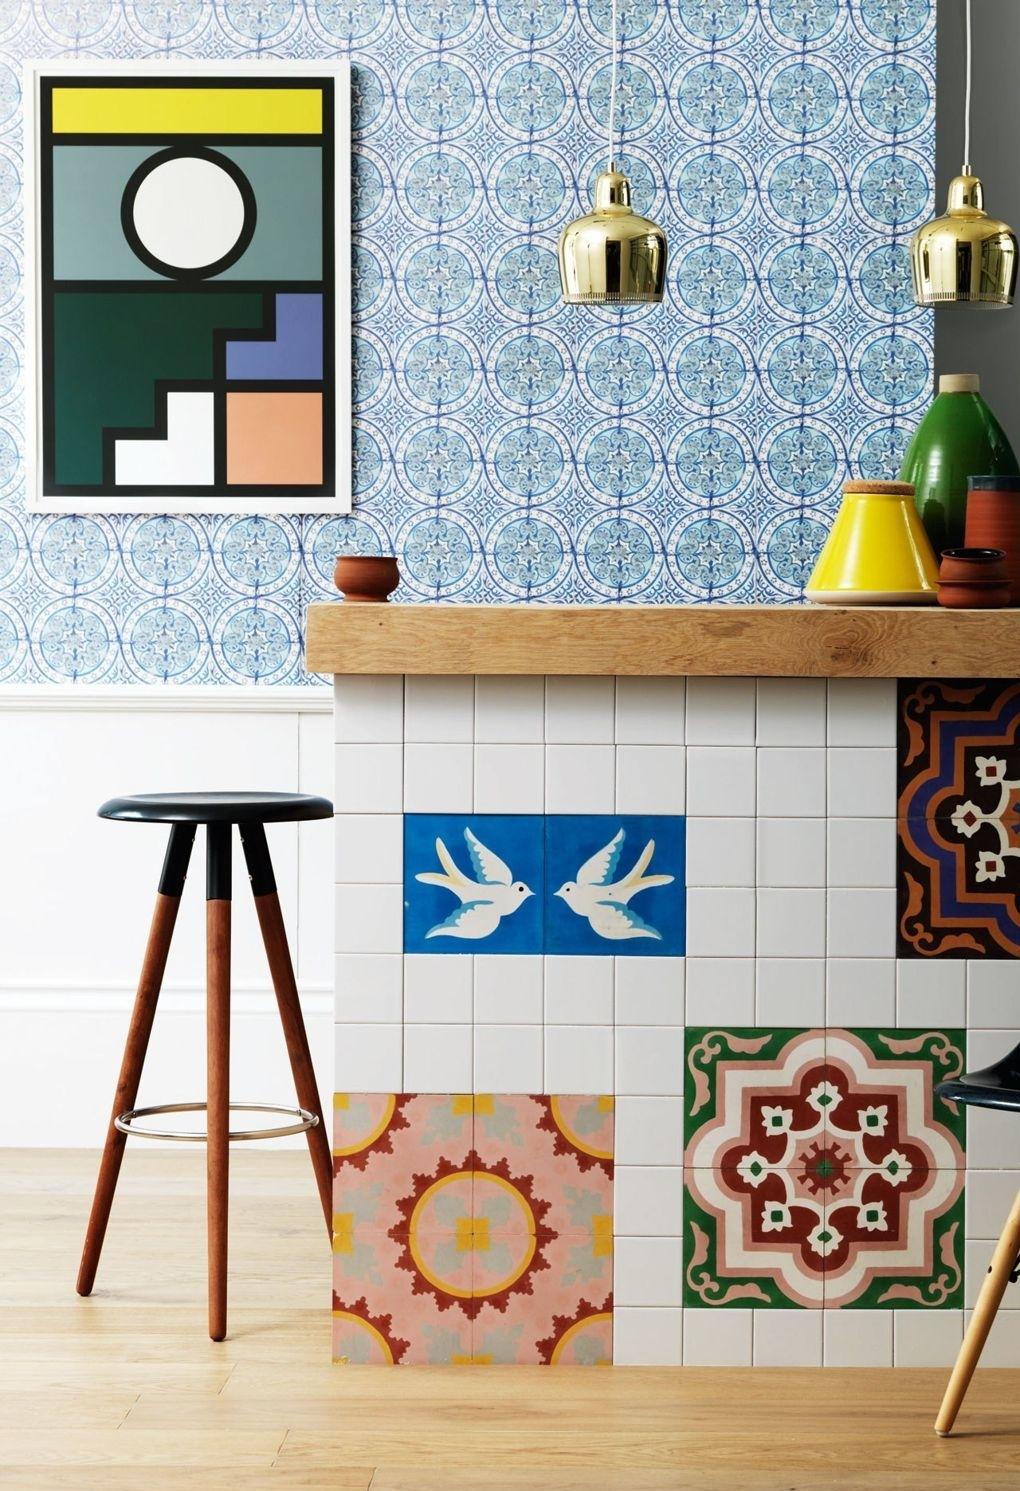 Aposte nos ladrilhos hidráulicos com padrões e desenhos para trazer mais cor e personalidade para a sua cozinha